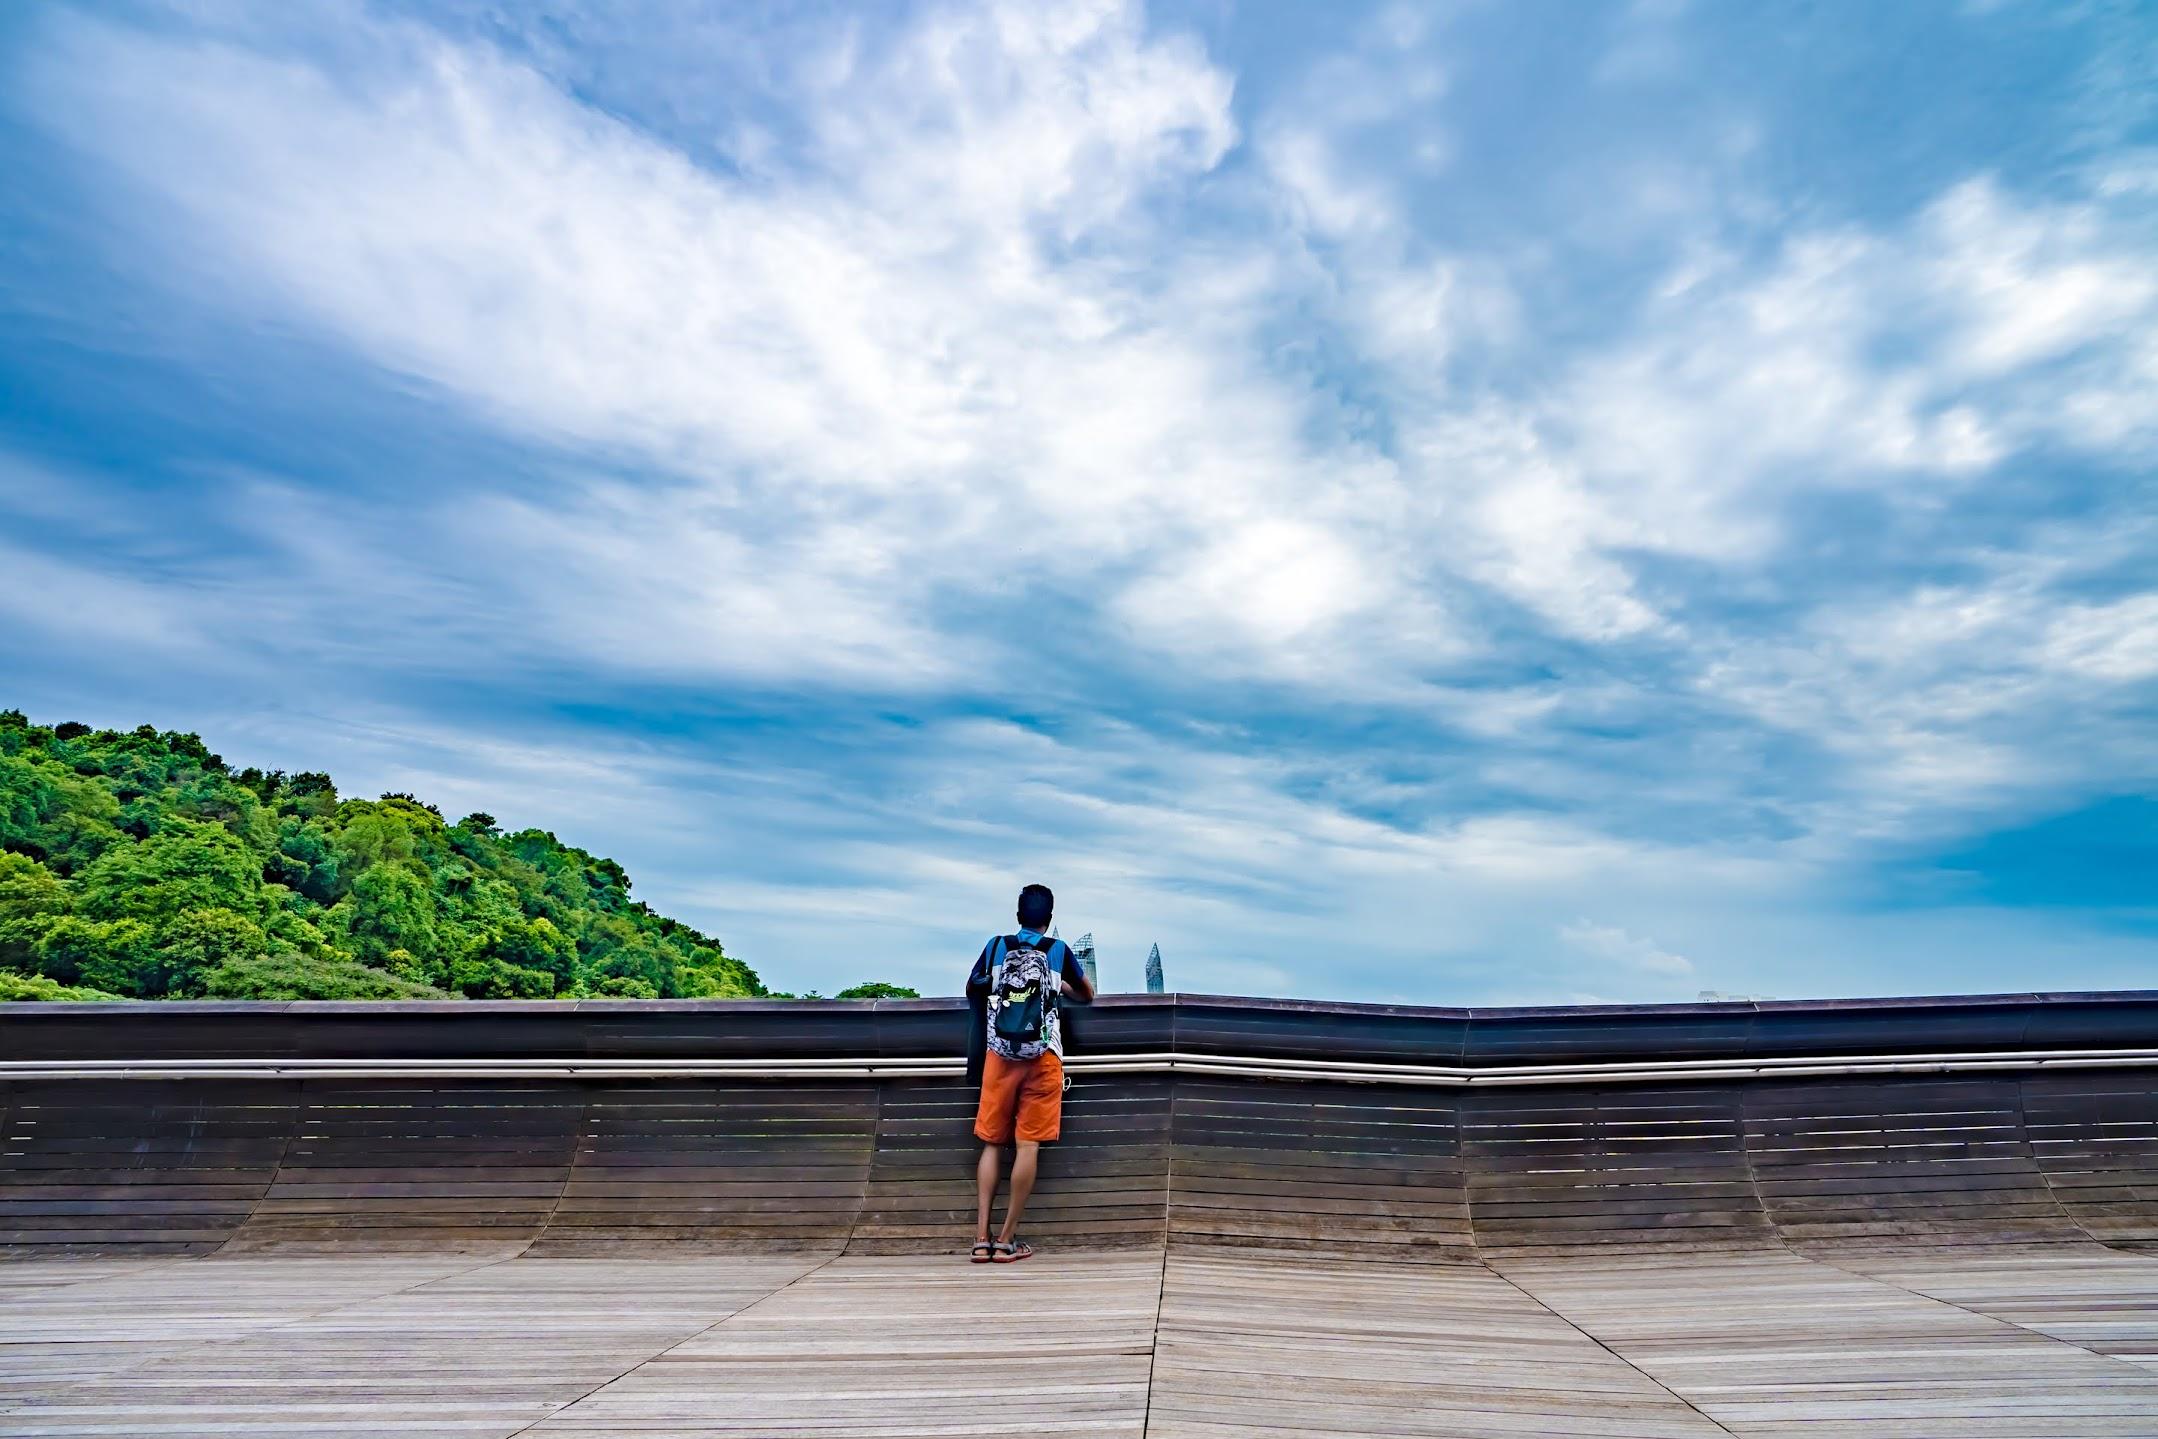 シンガポール ヘンダーソン・ウェーブ3